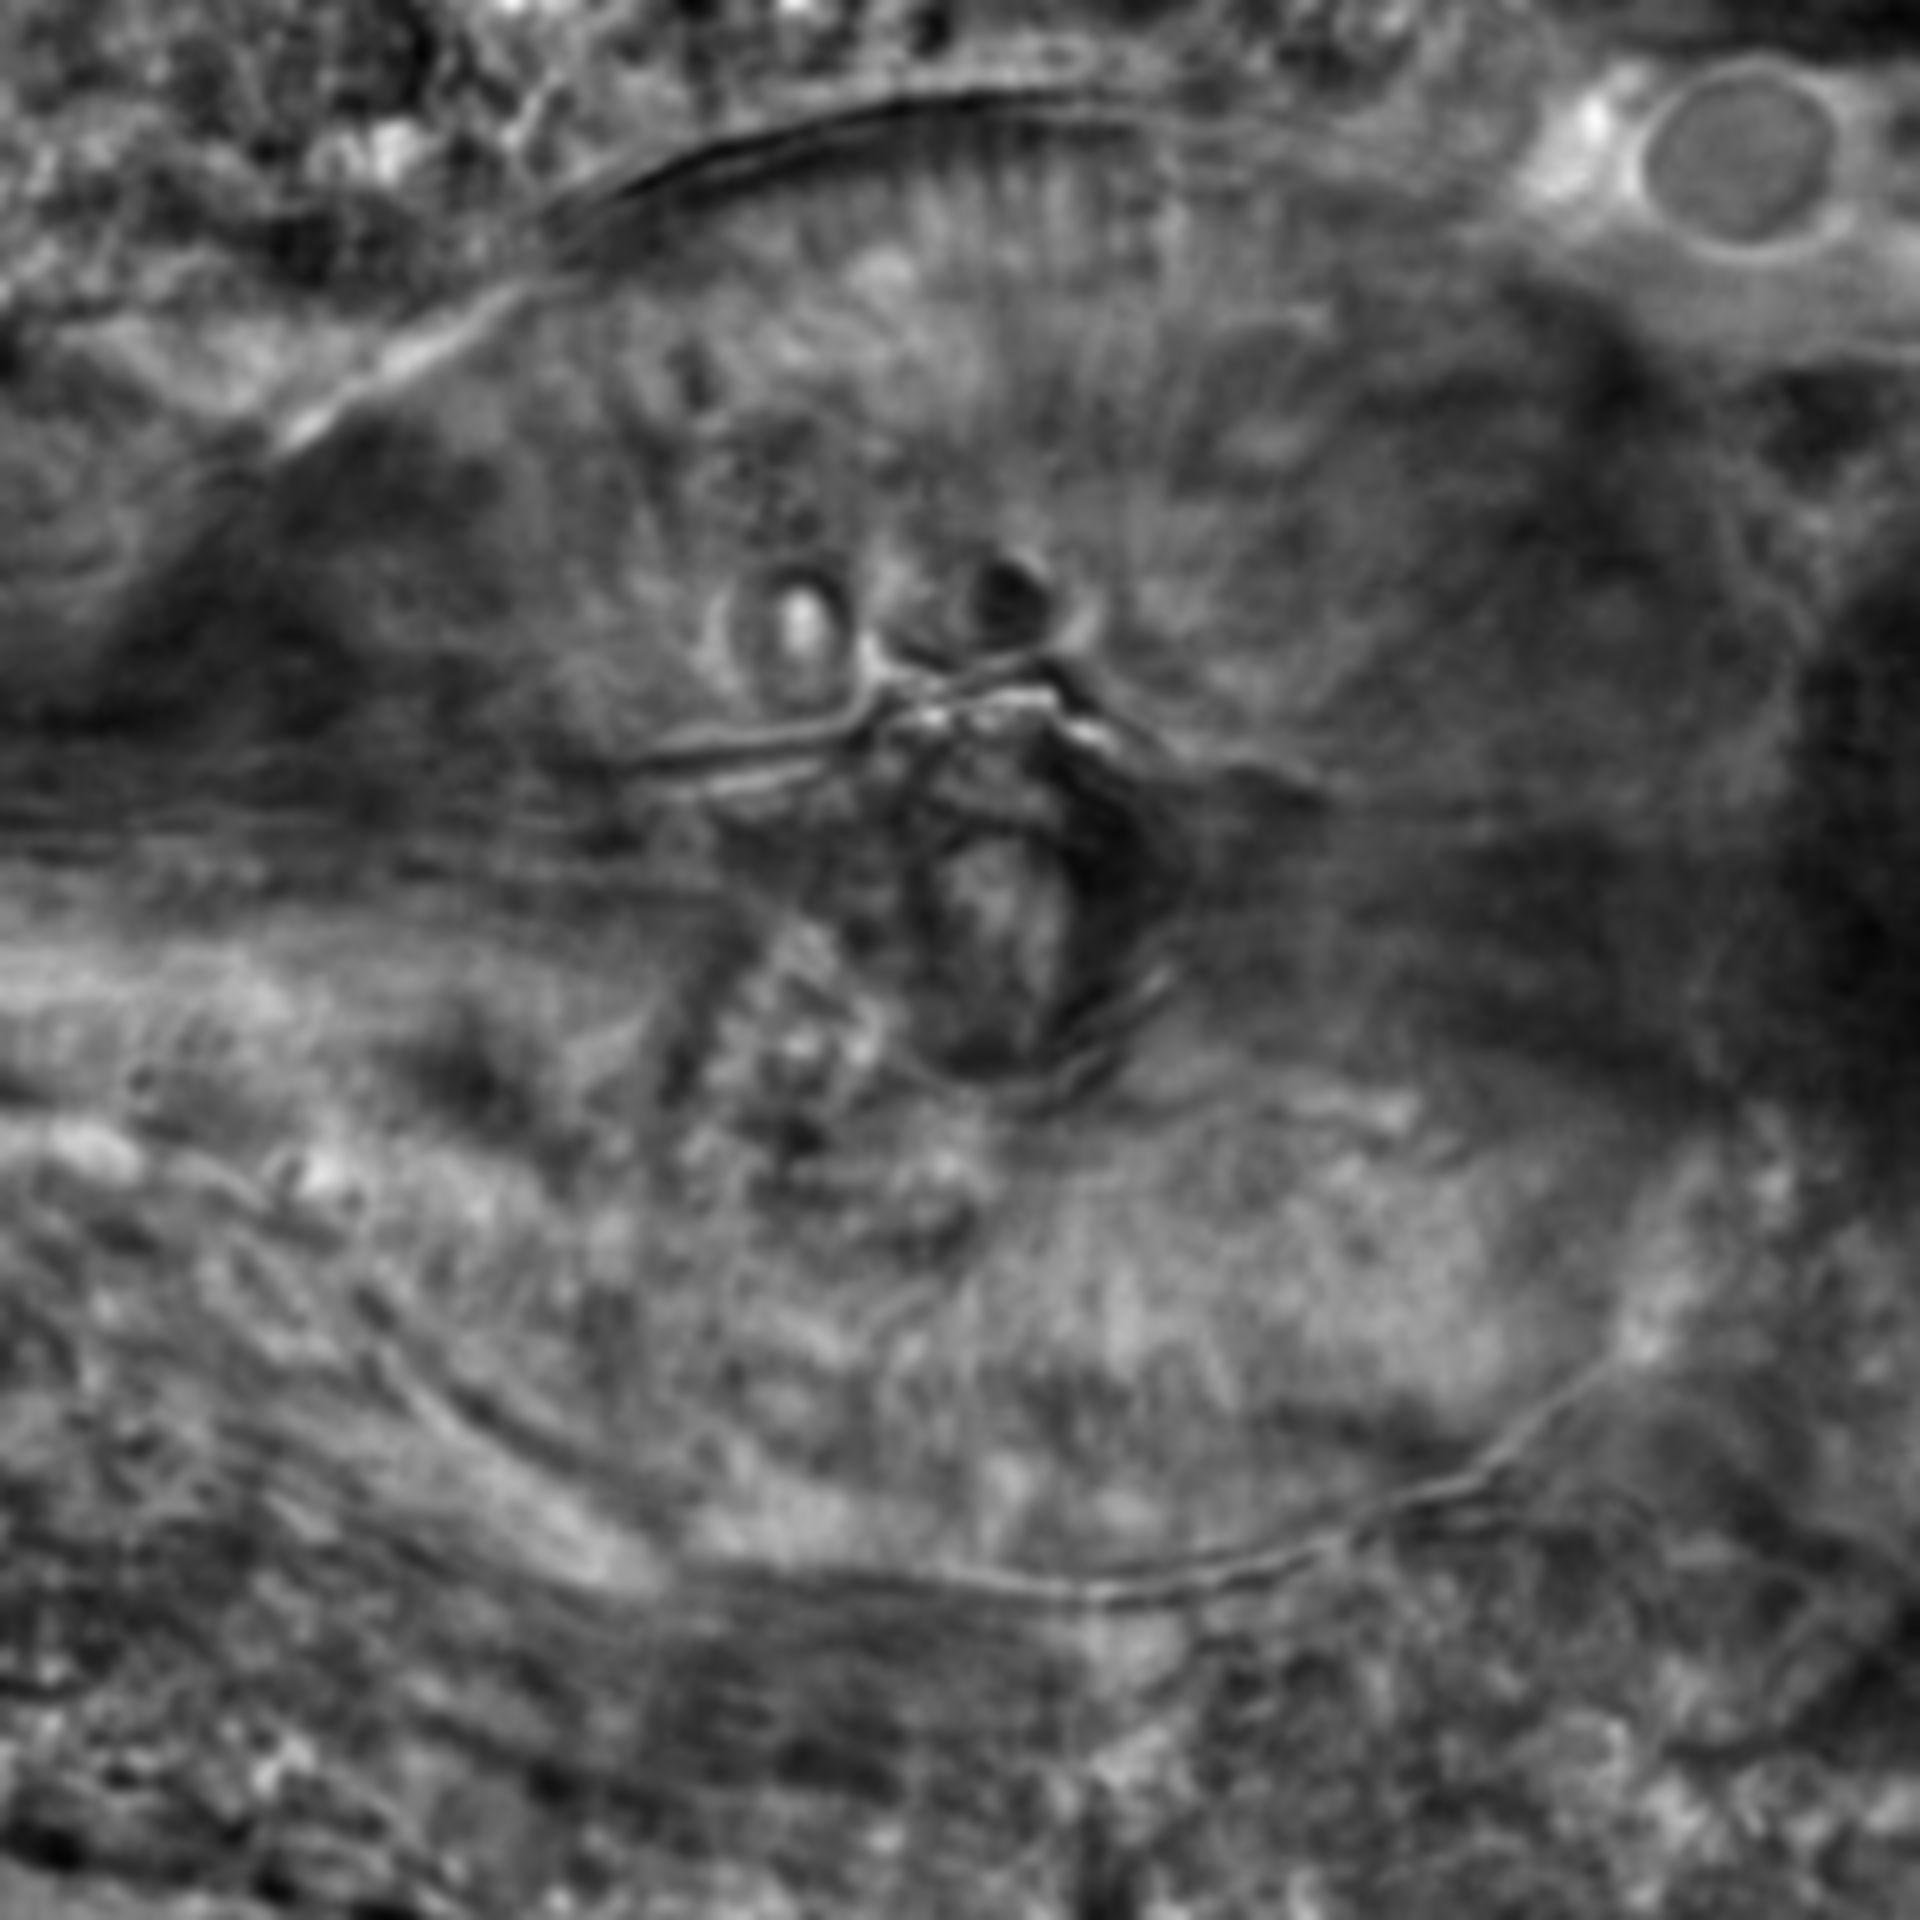 Caenorhabditis elegans - CIL:2819